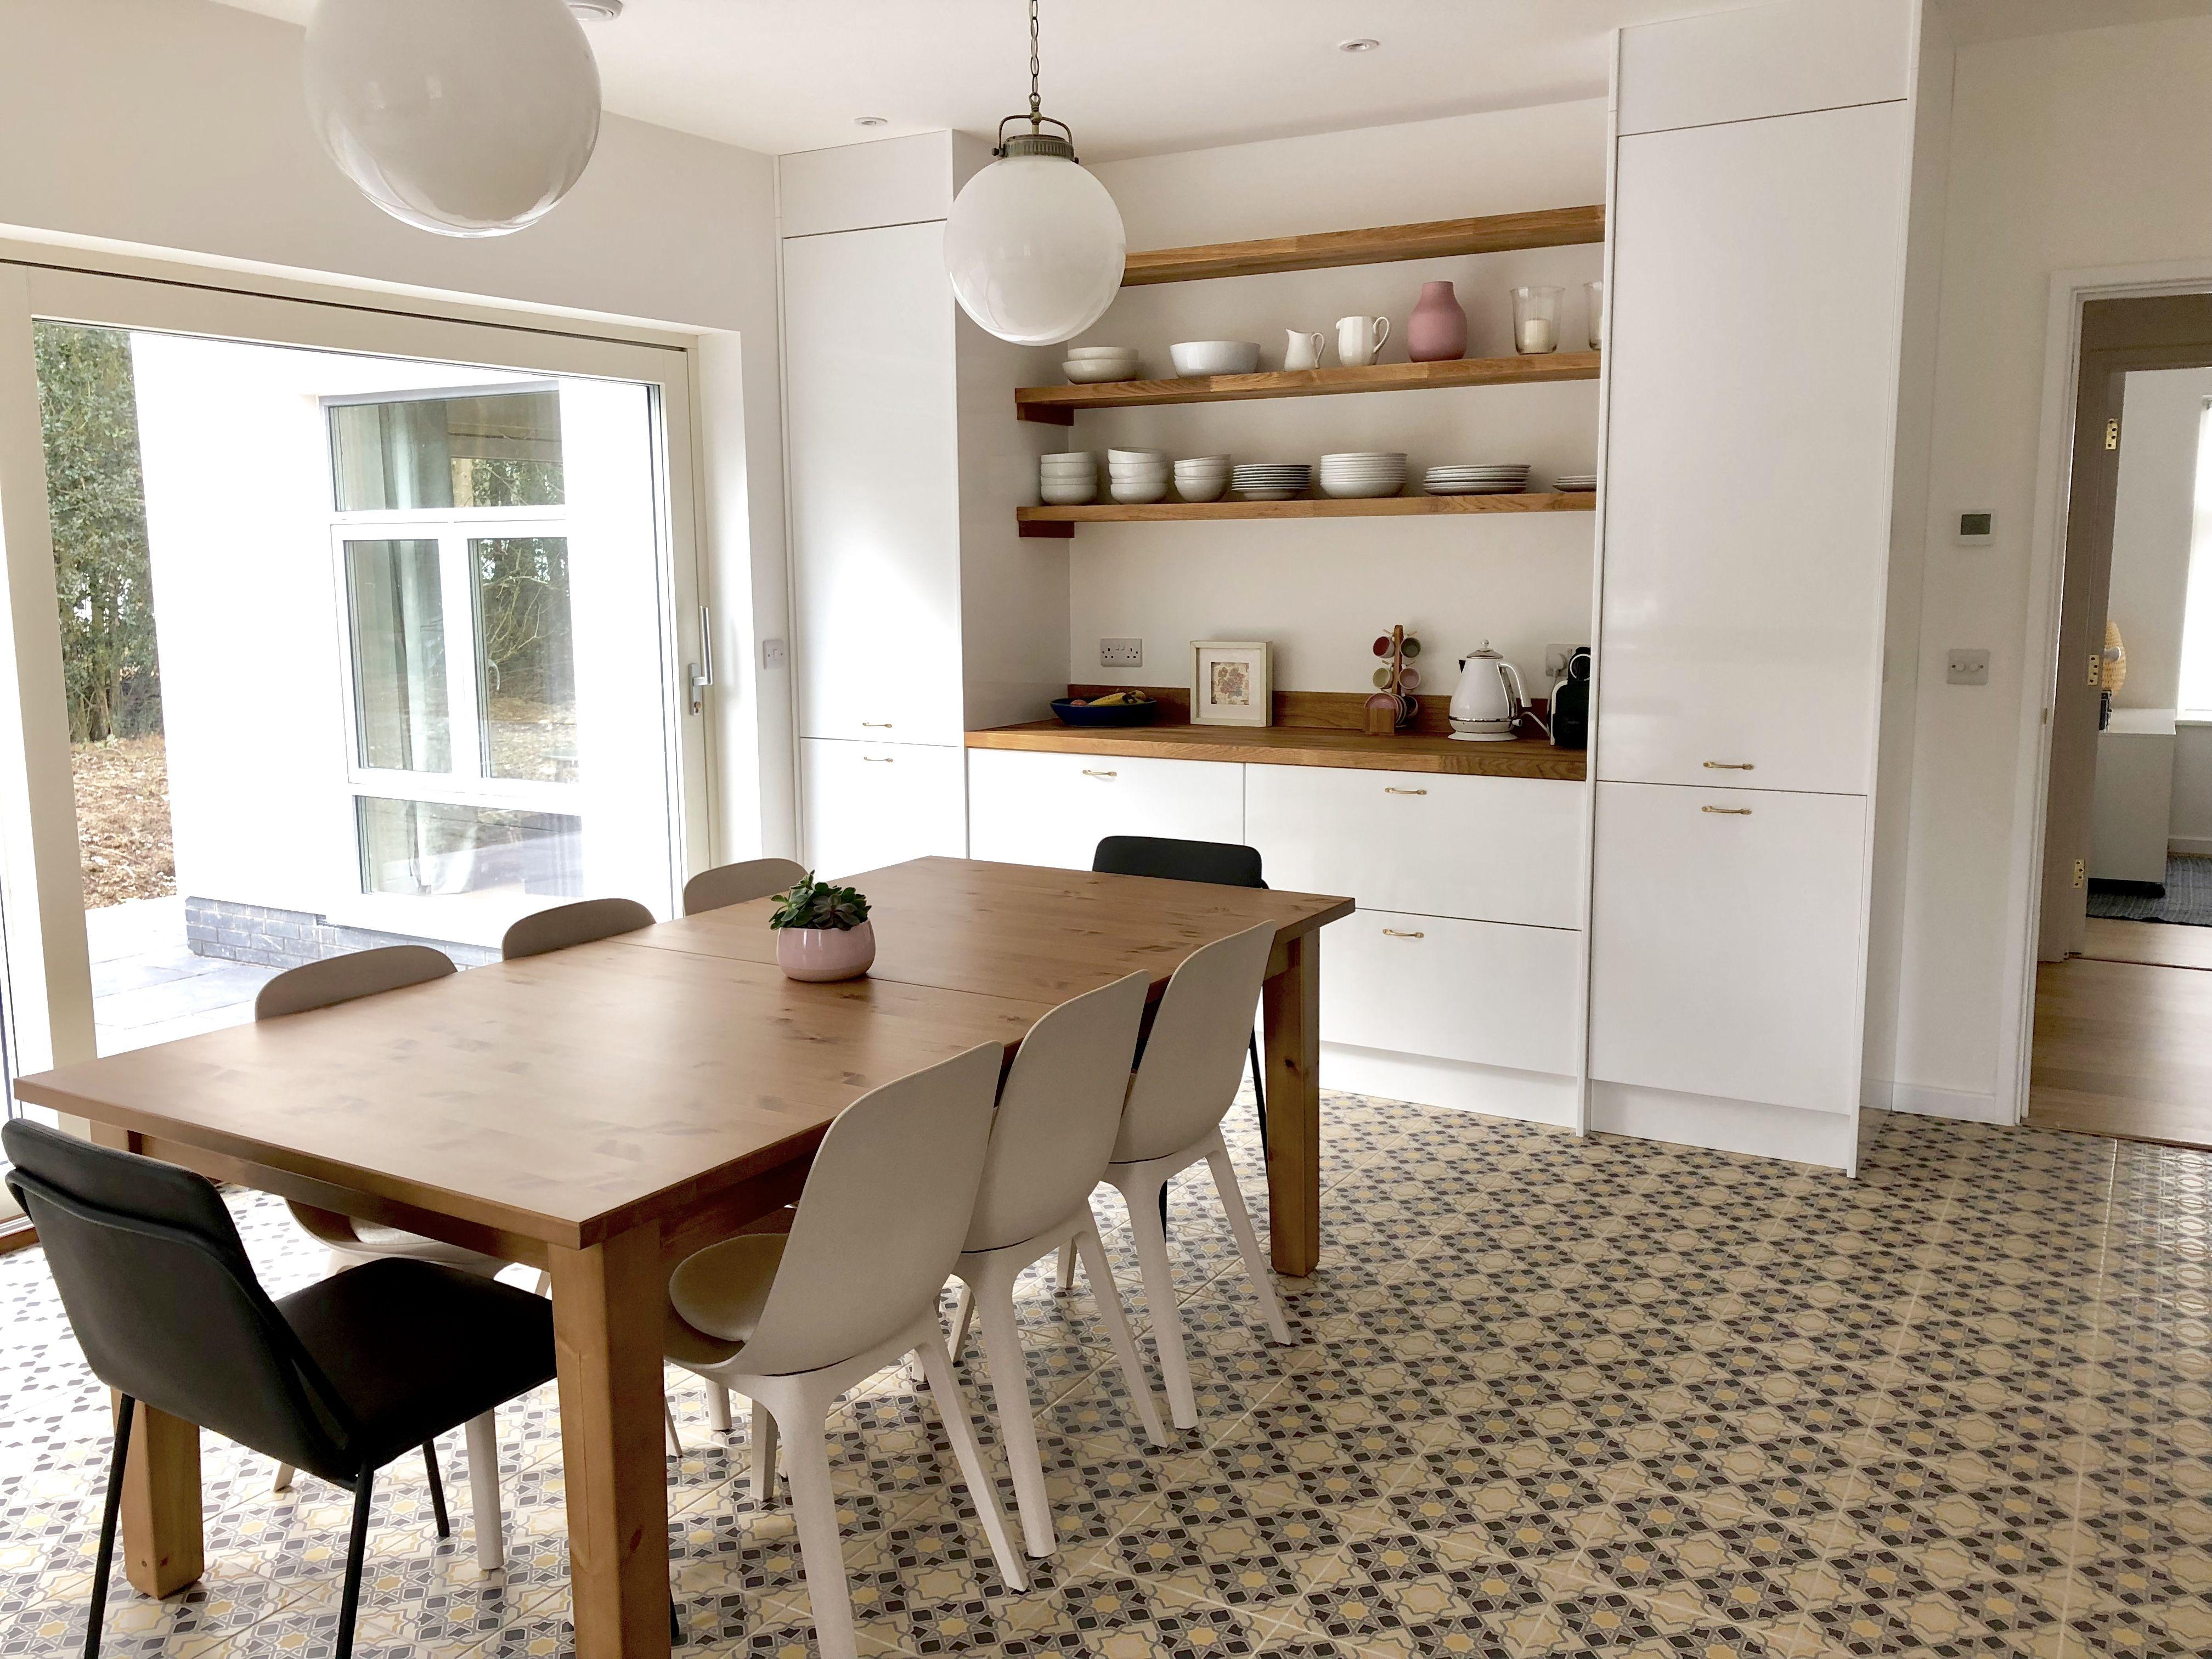 Niedlich Scandia Küchen Ideen - Ideen Für Die Küche Dekoration ...